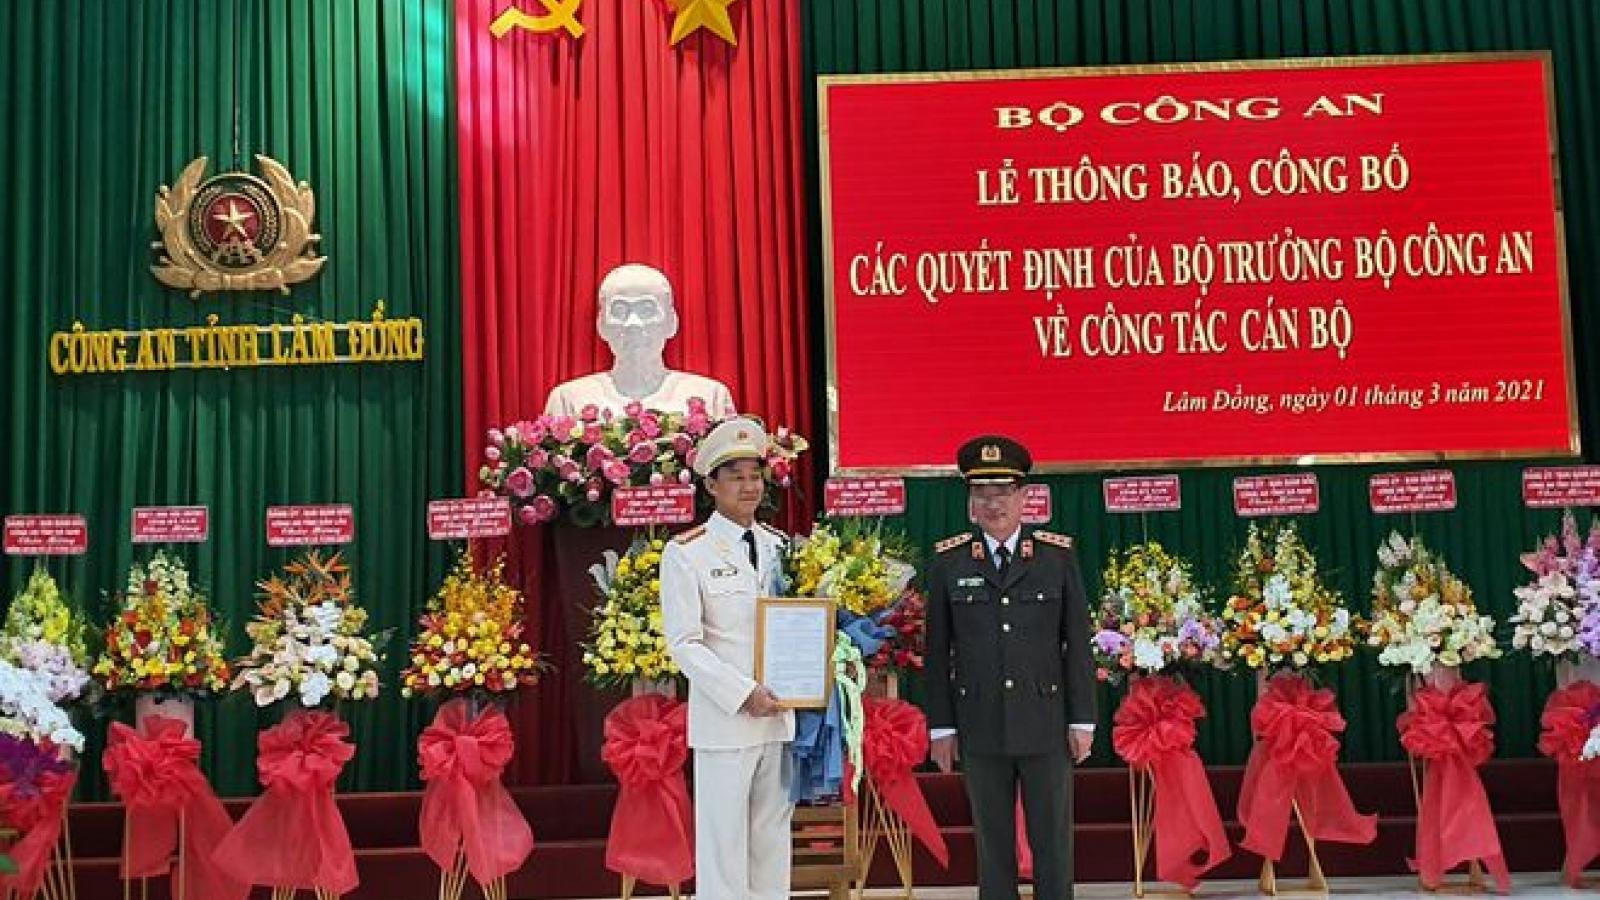 Bộ trưởng Công an điều động, bổ nhiệm lãnh đạo công an hai tỉnh